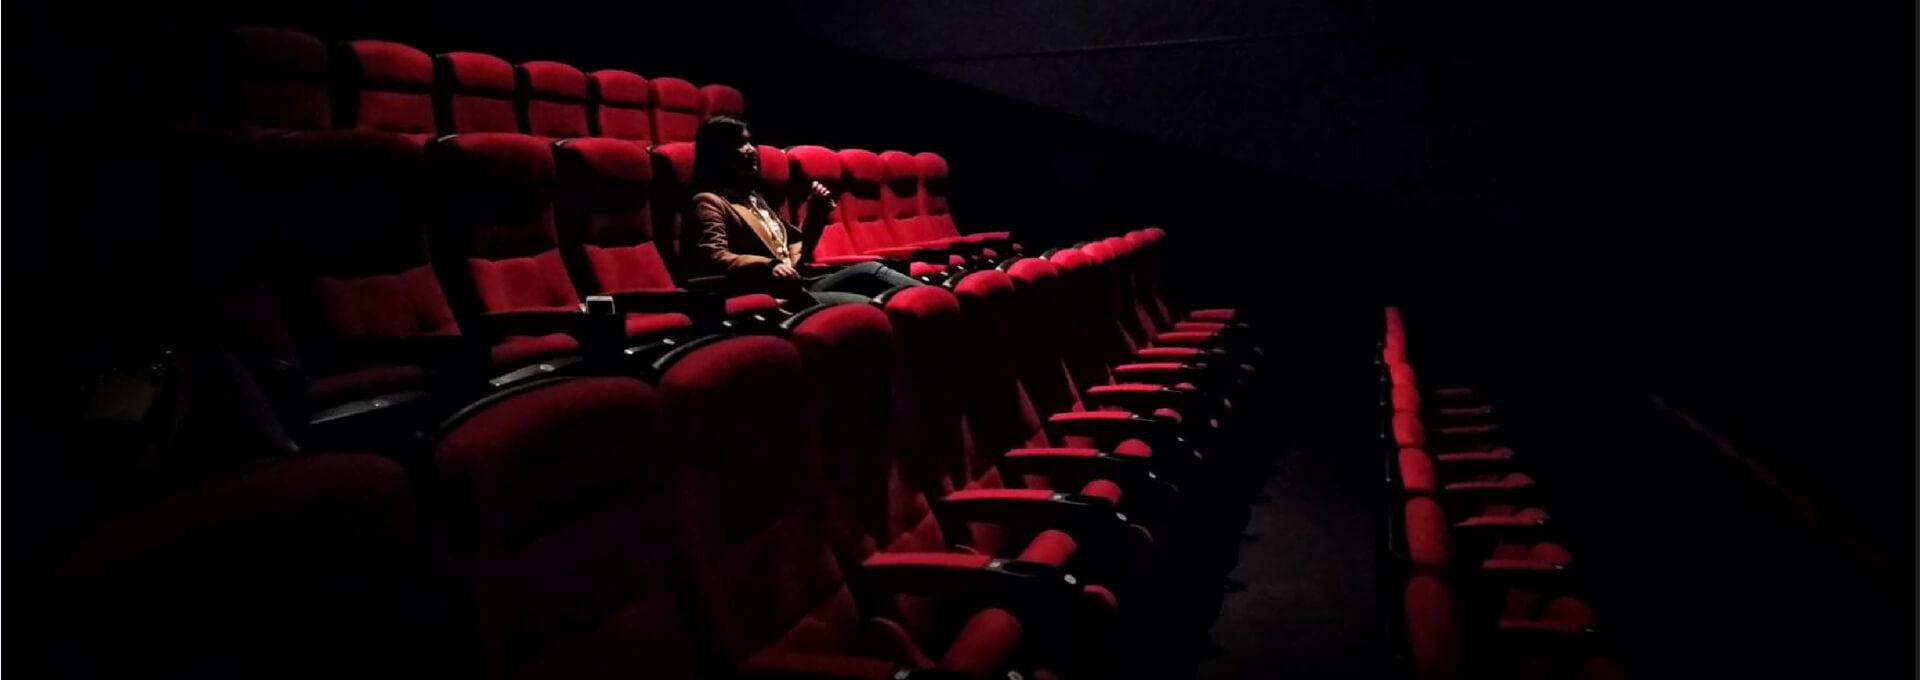 kino sala kinowa publika film